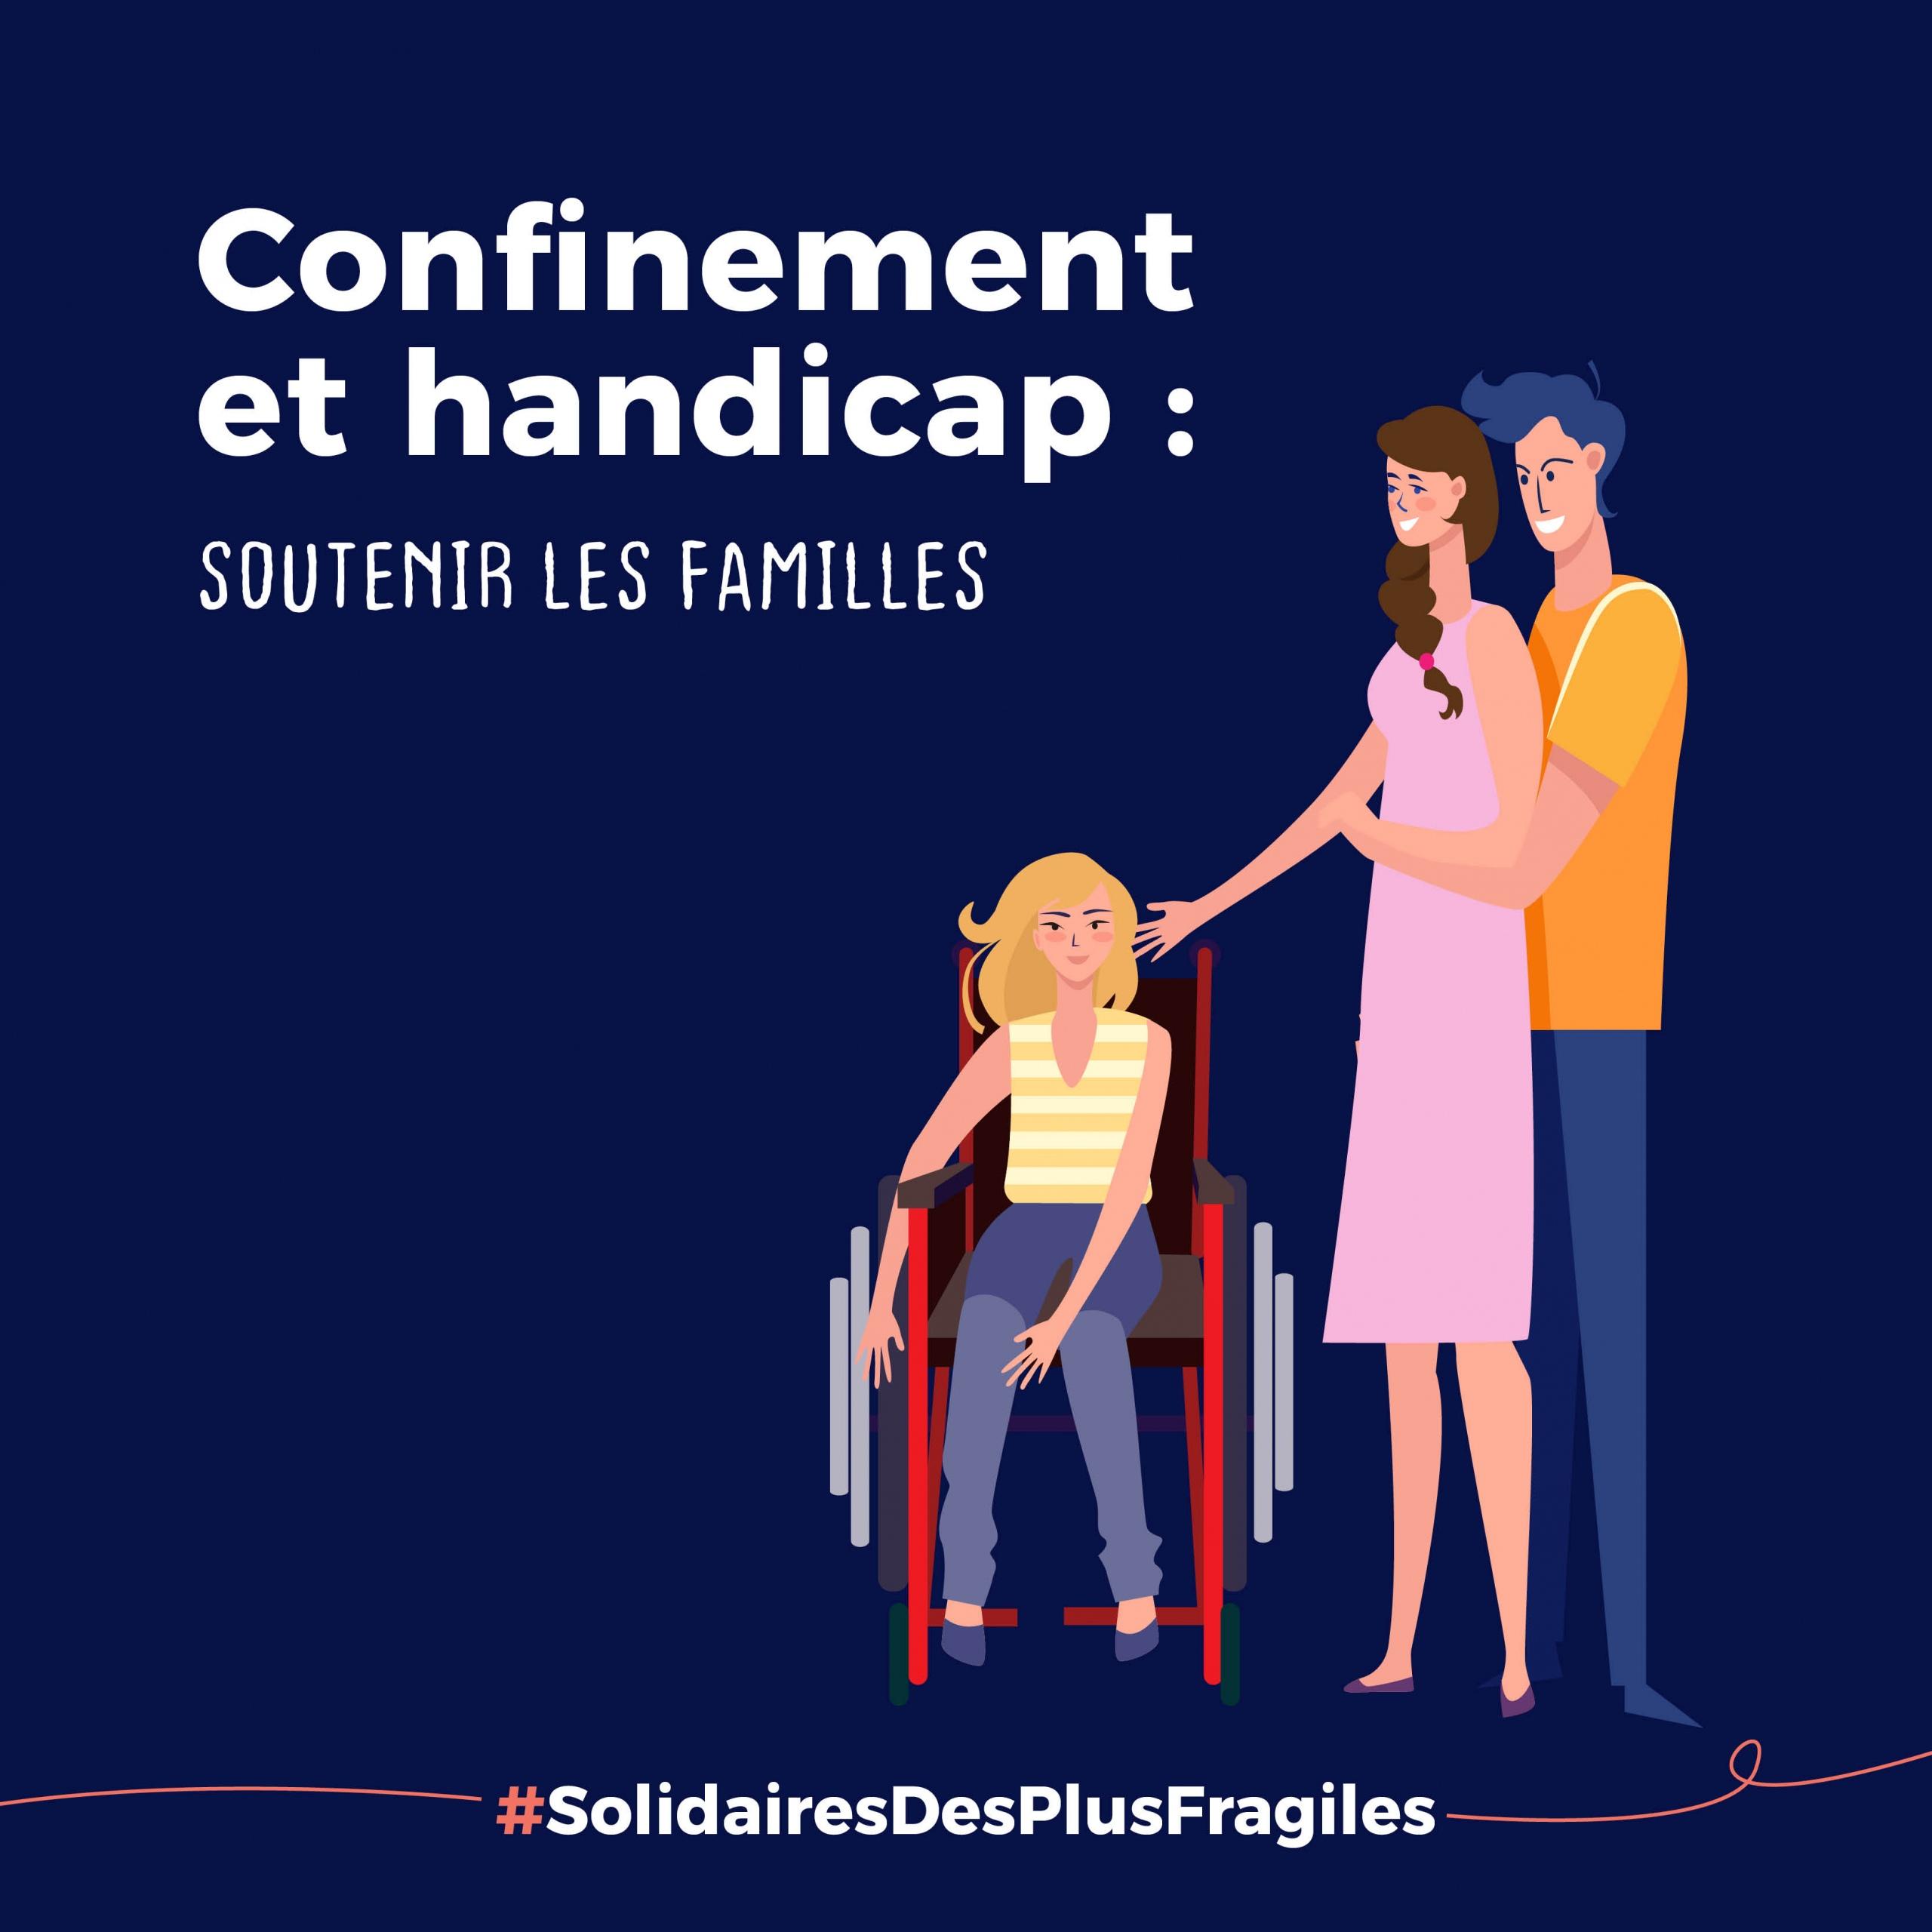 confinement-handicap-famille